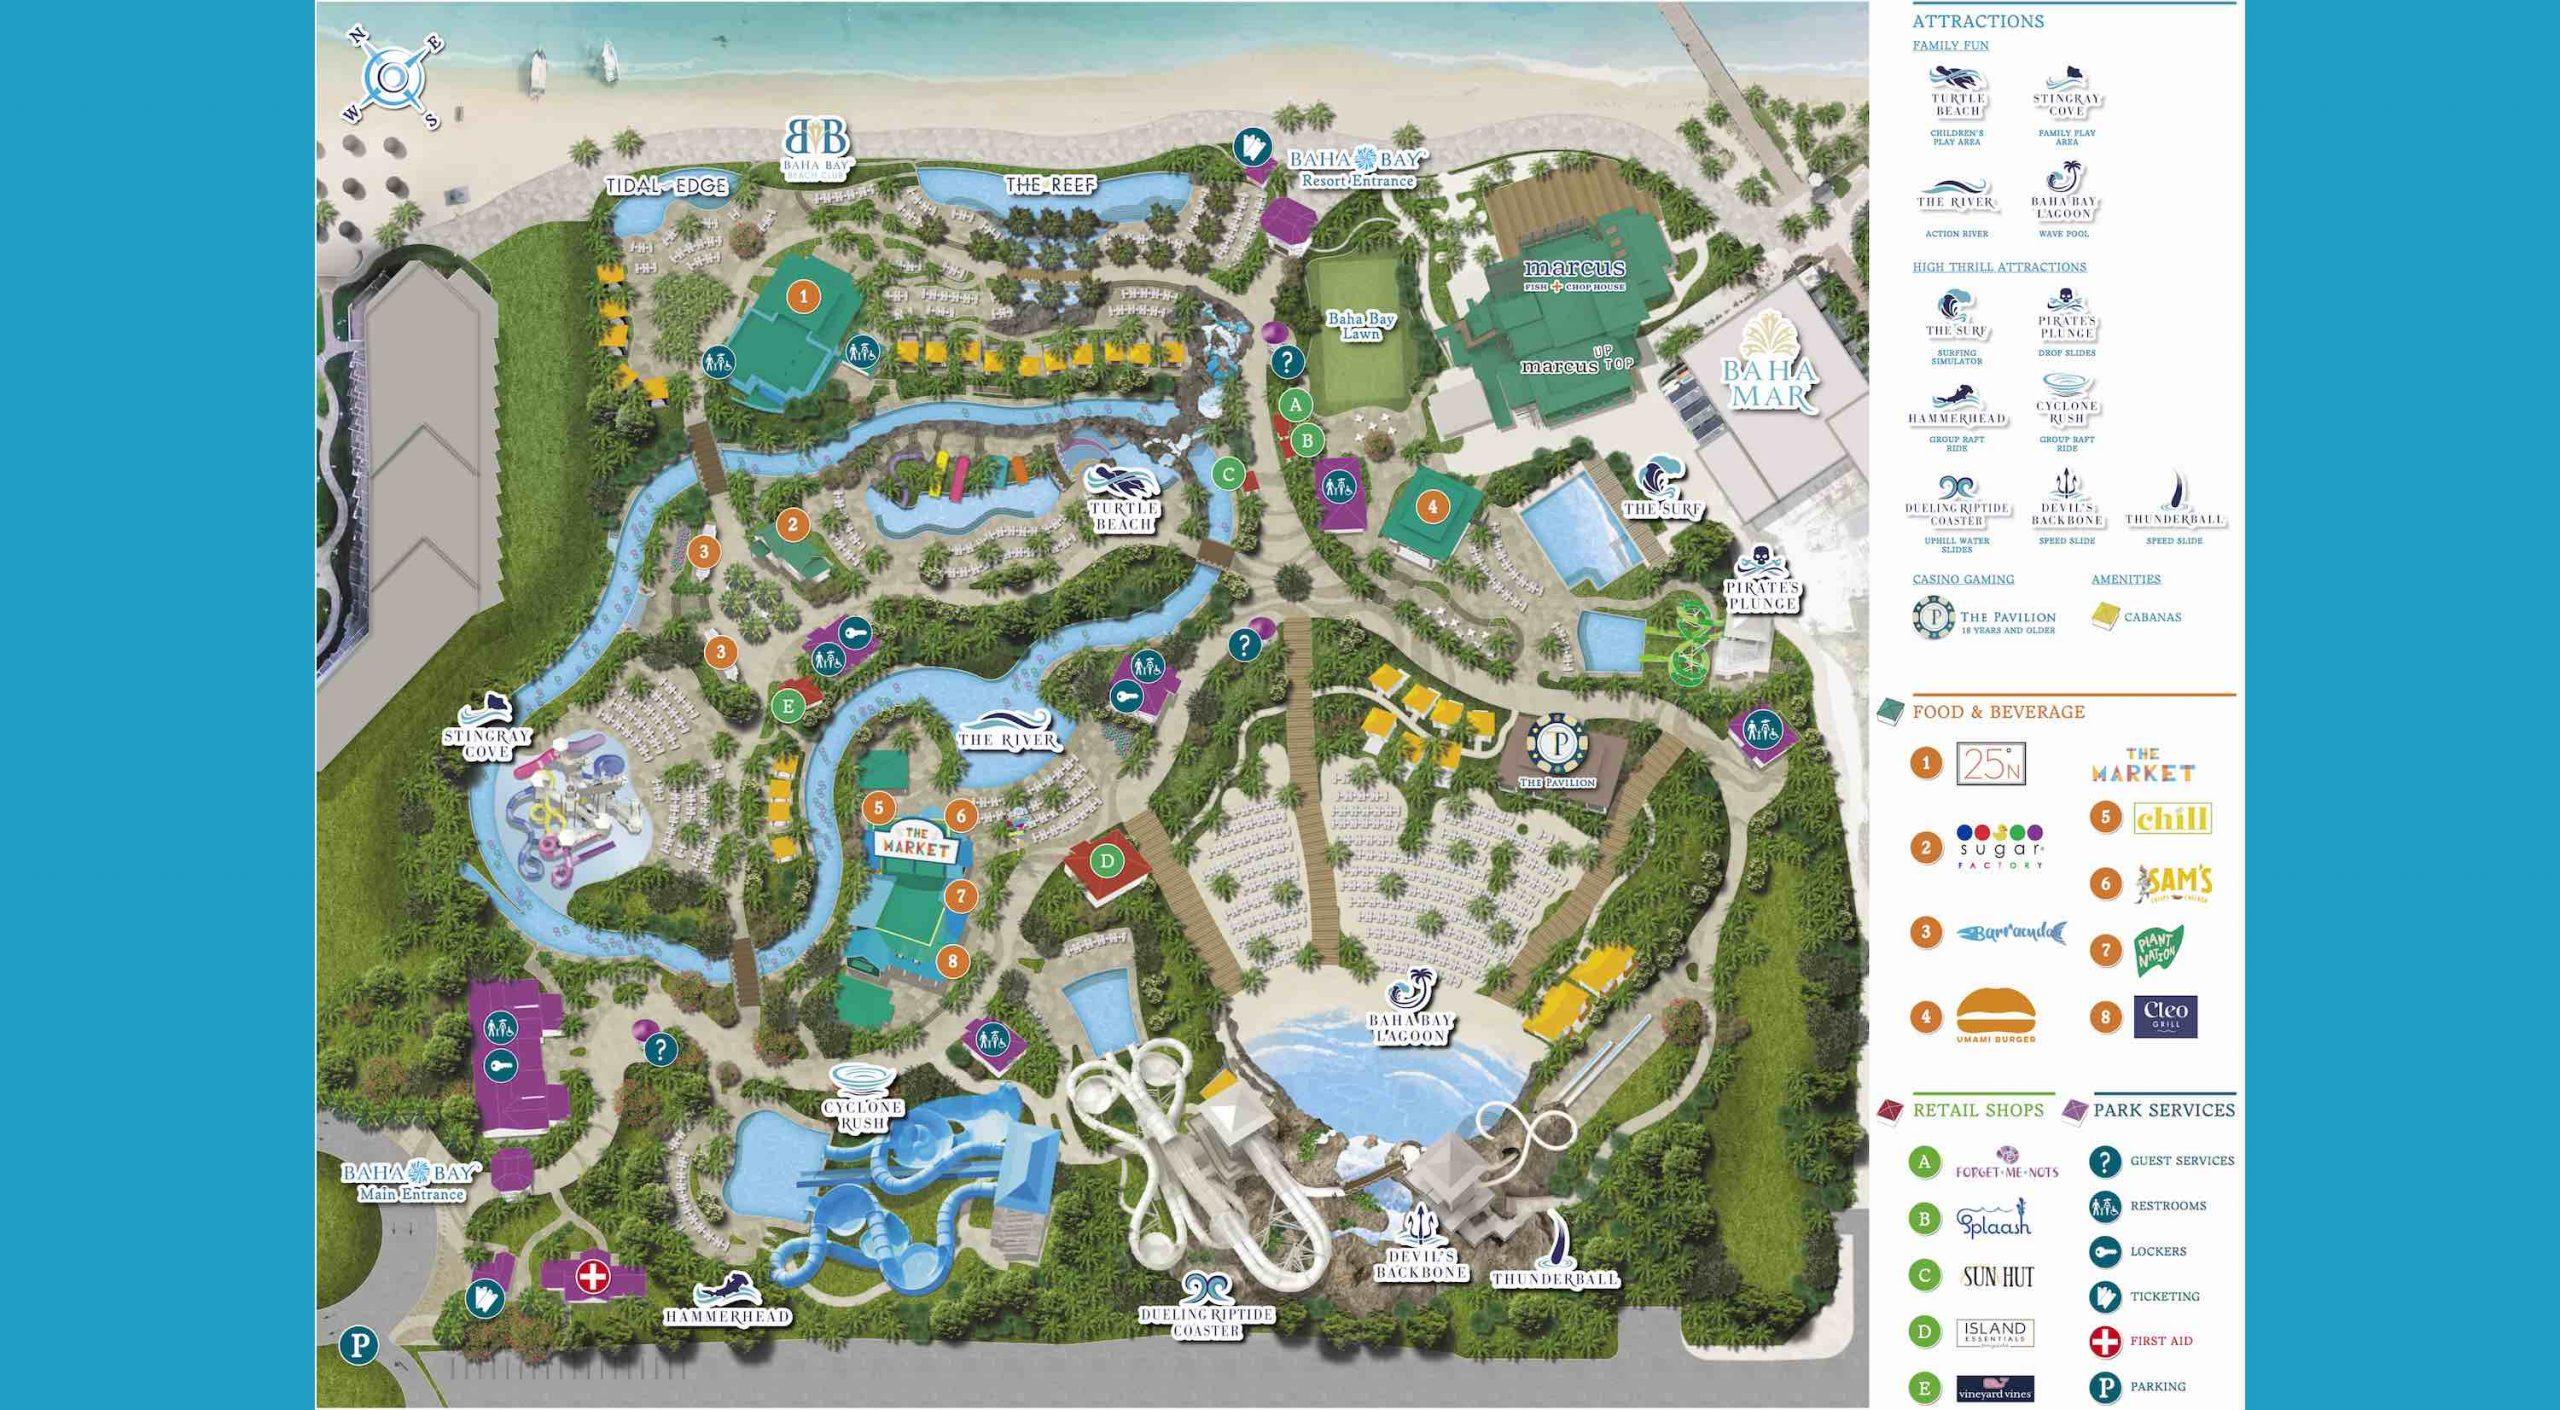 Baha-Bay-Map_Key-Nassau-Bahamas